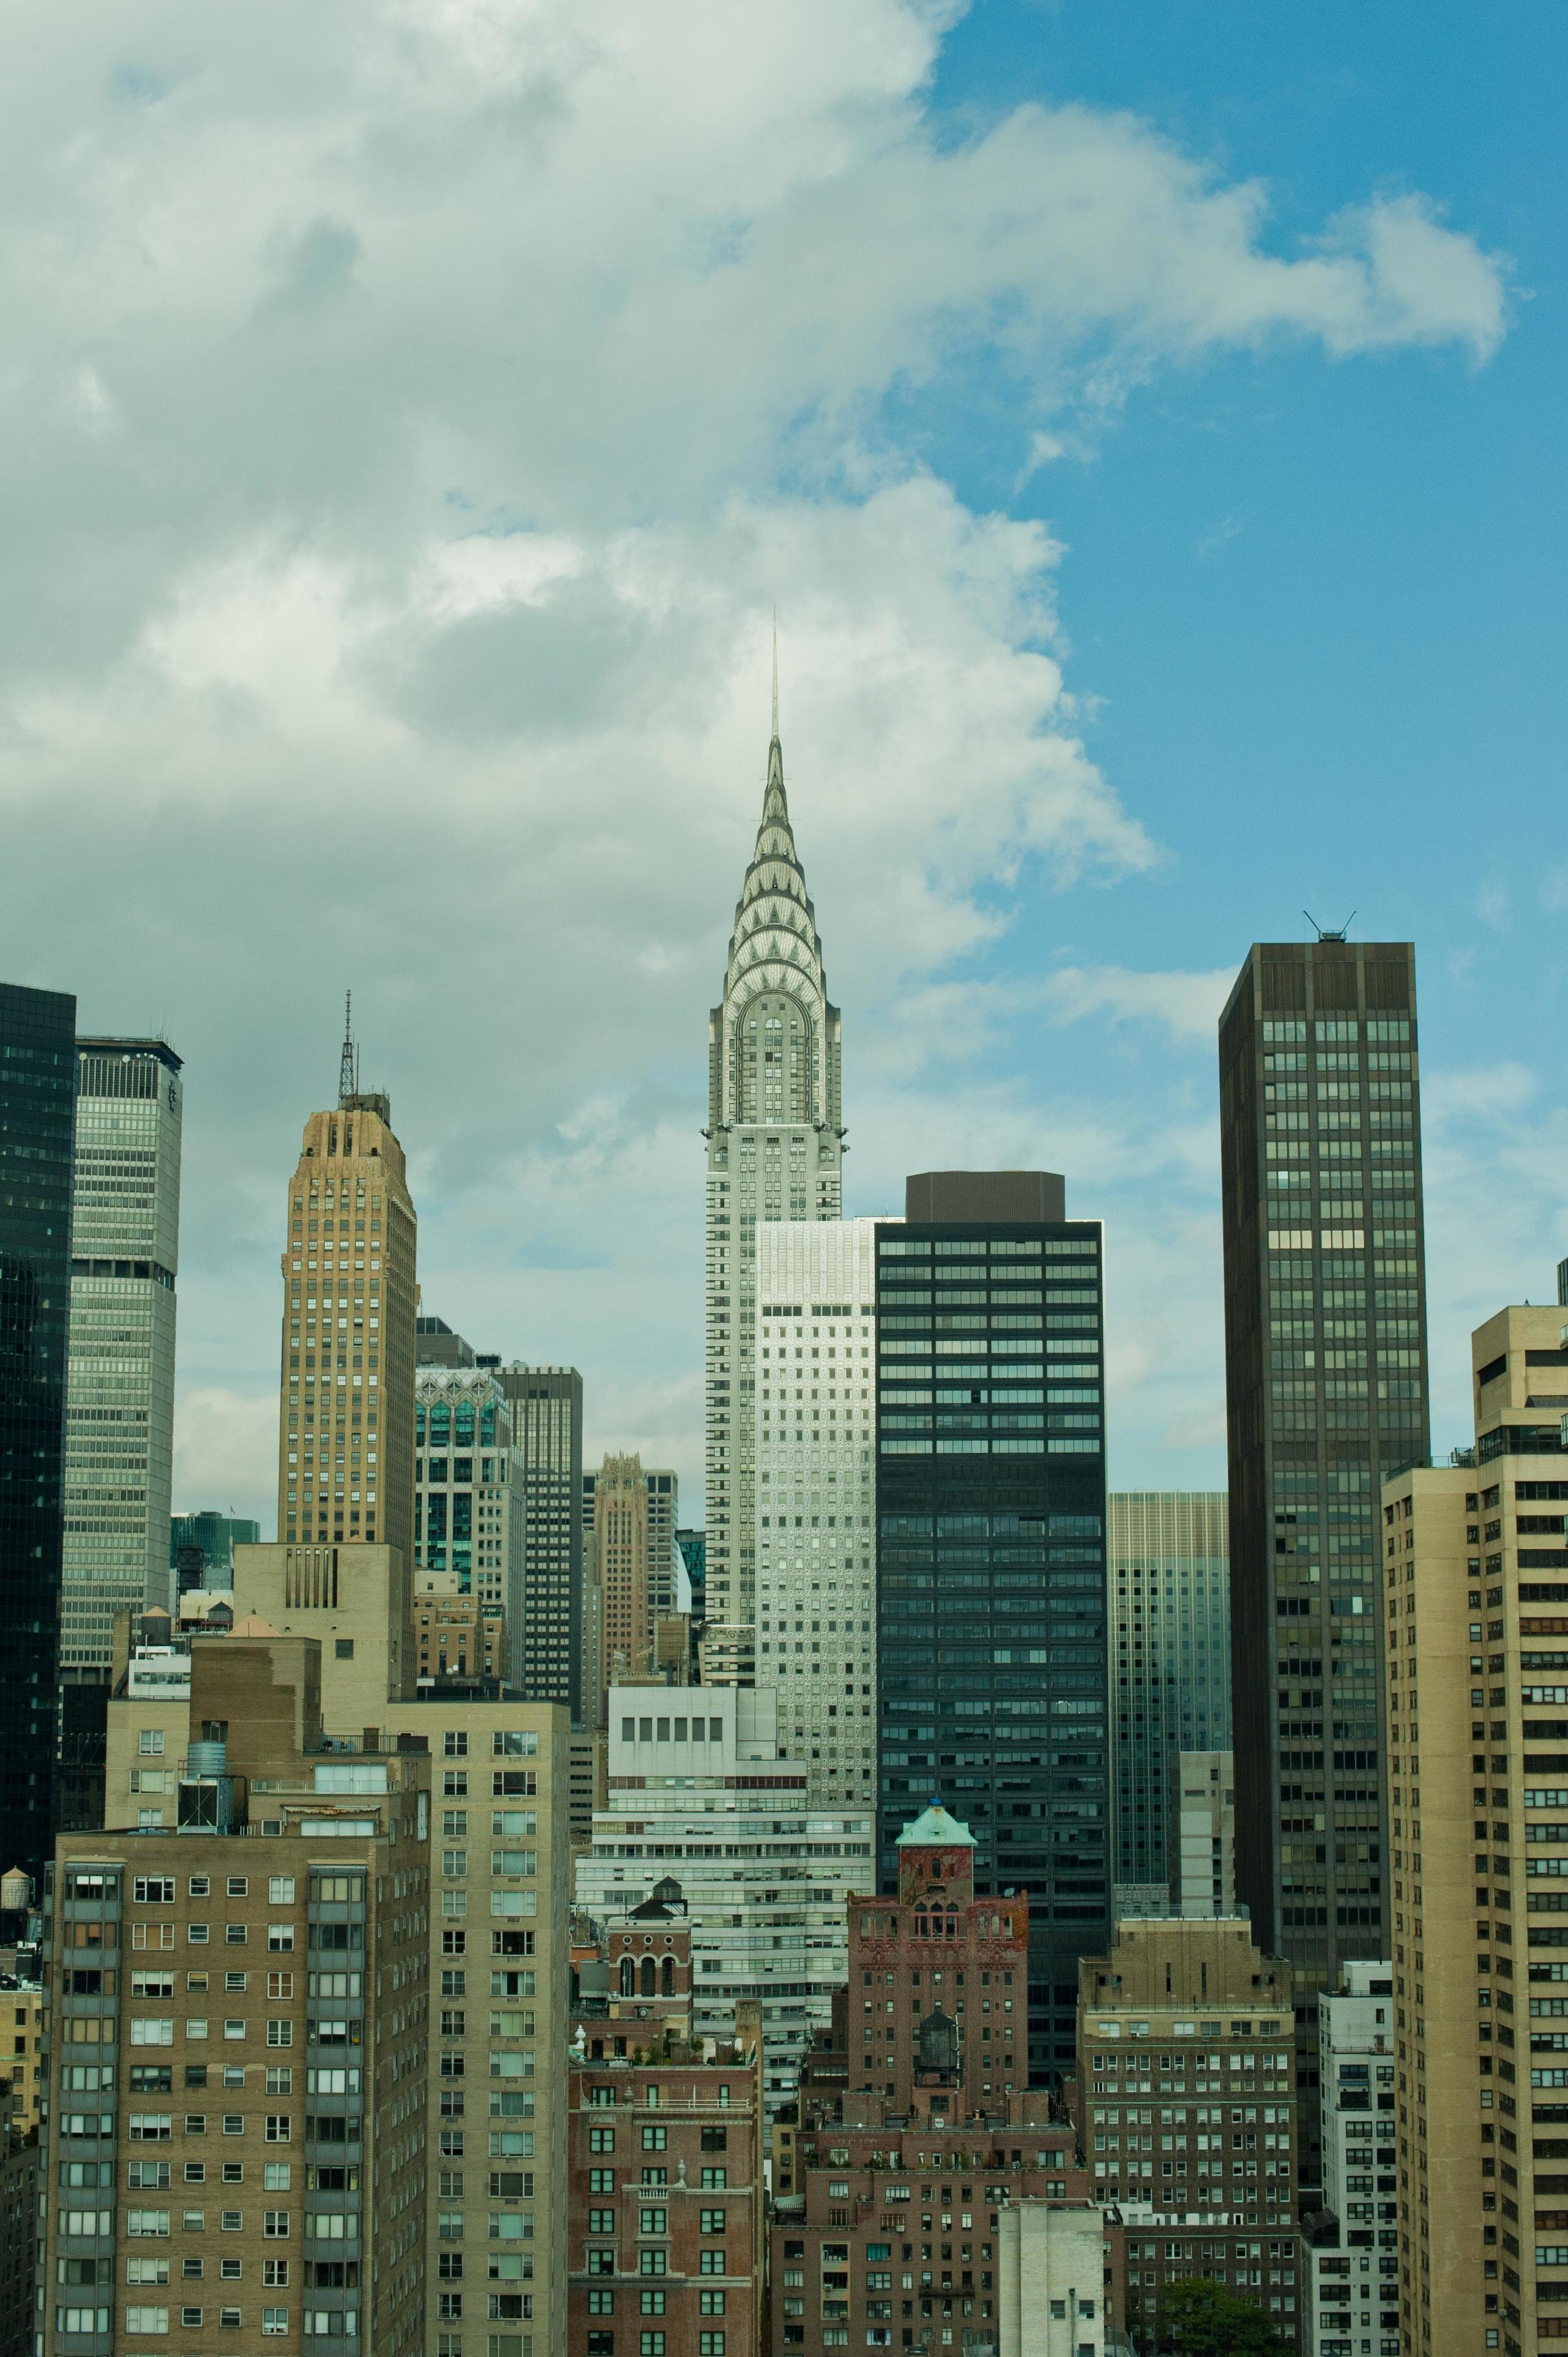 cityscape-new-york-city-chrysler-building_23479779185_o.jpg